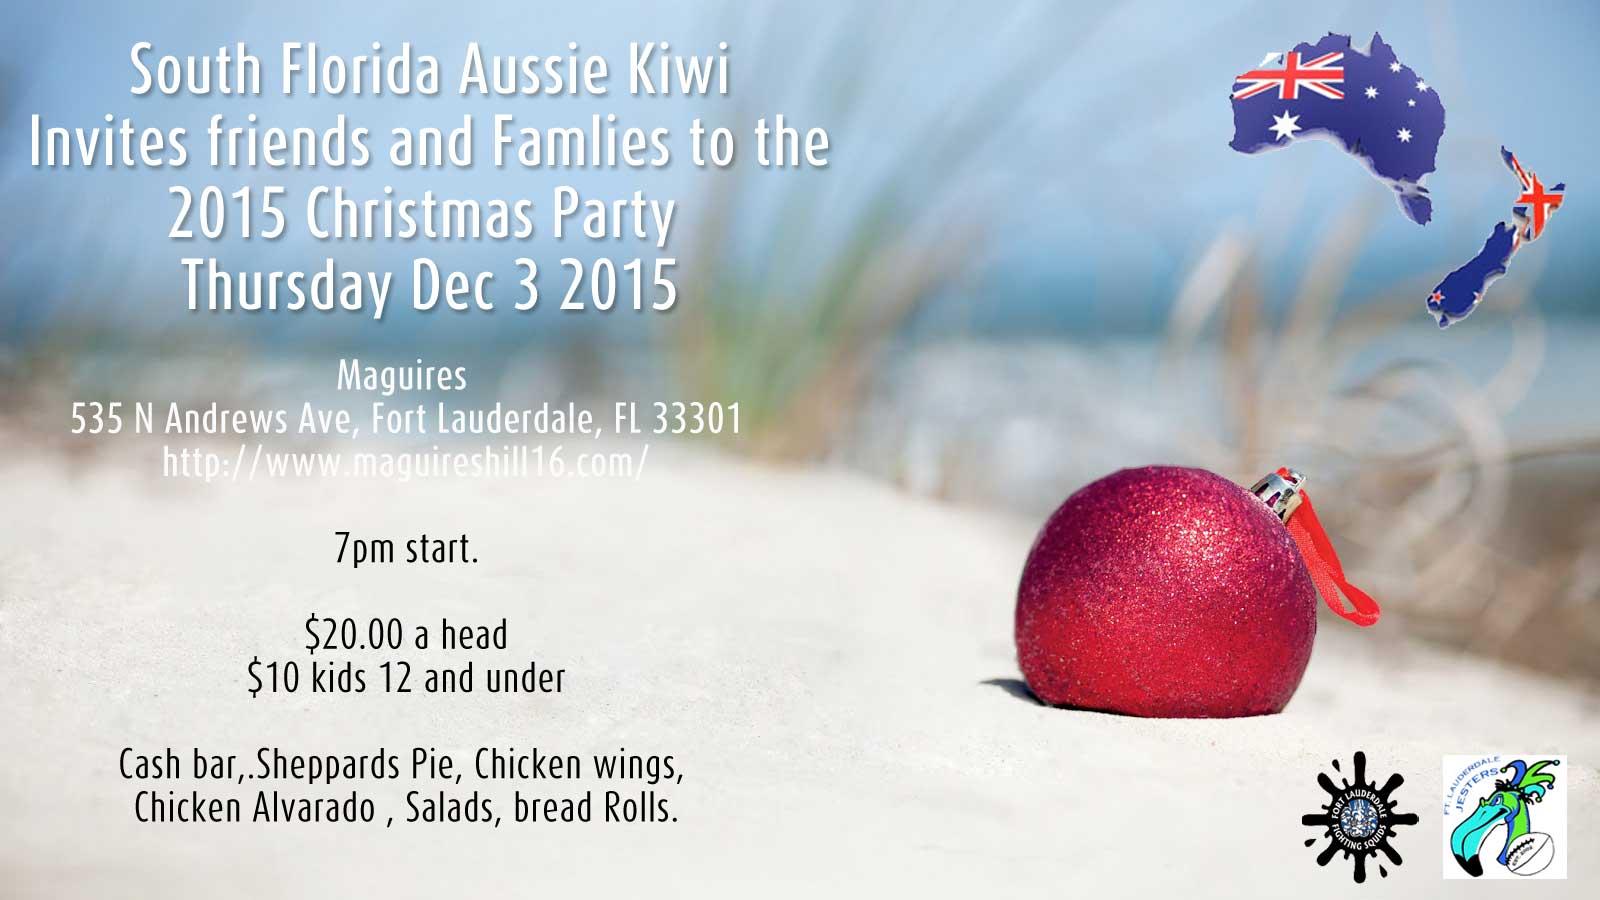 South Florida Aussie Kiwi Club Christmas Party